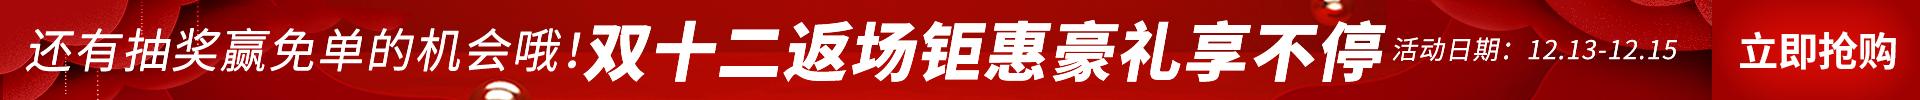 2019年牛账网双十二活动图